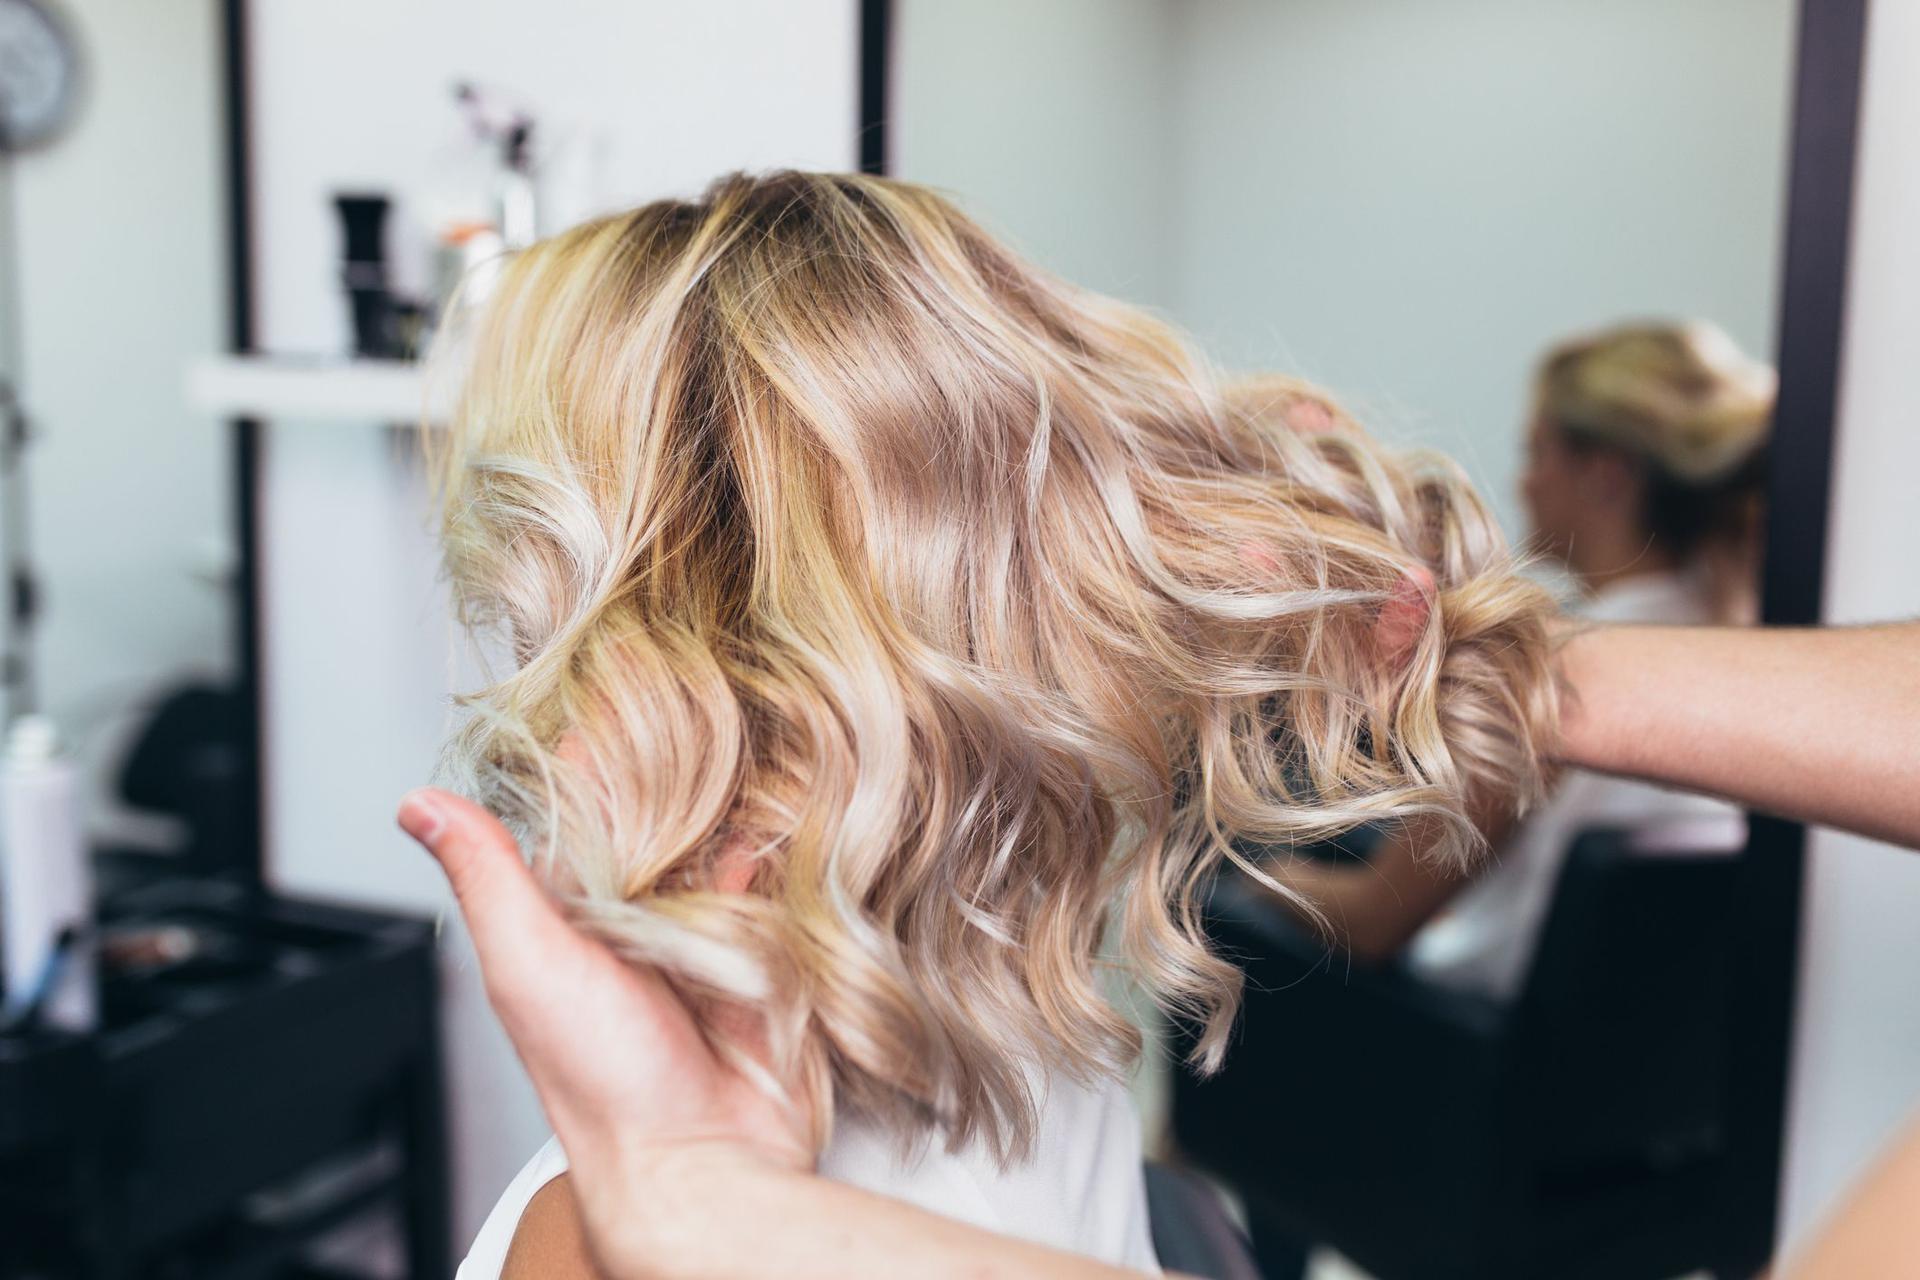 Jak Określić Porowatość Włosów Włosy Nisko I Wysokoporowate